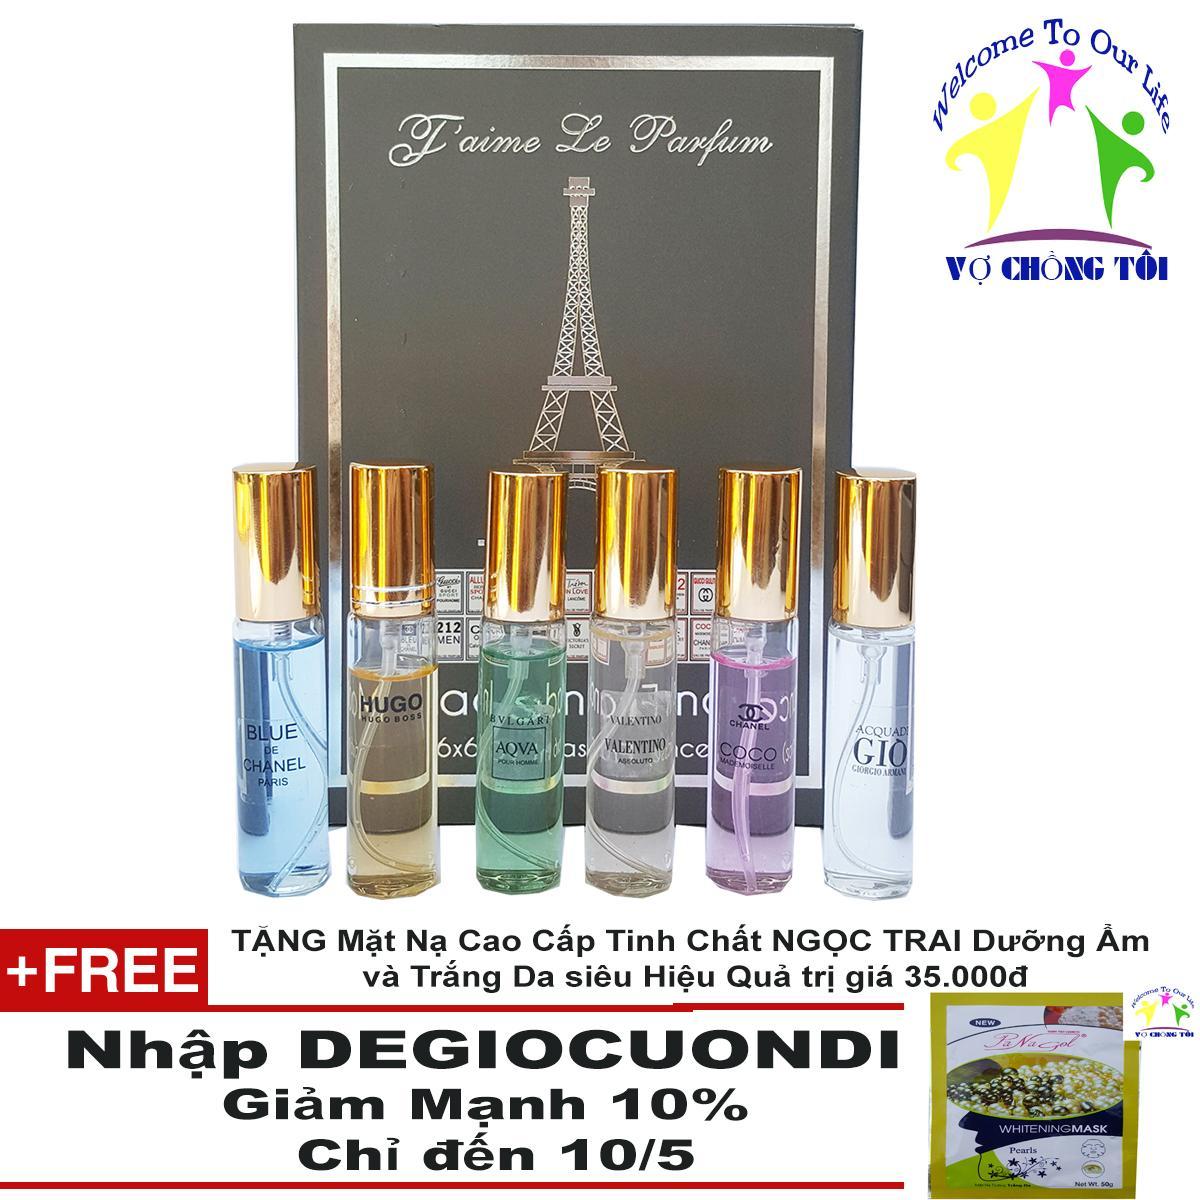 Mua Bộ Nước Hoa Unisex Jaime Le Parfum 6 Mui Nước Phap Cao Cấp Nhập Khẩu Cực Tươi Độc Lạ Gia Cực Rẻ Trực Tuyến Rẻ